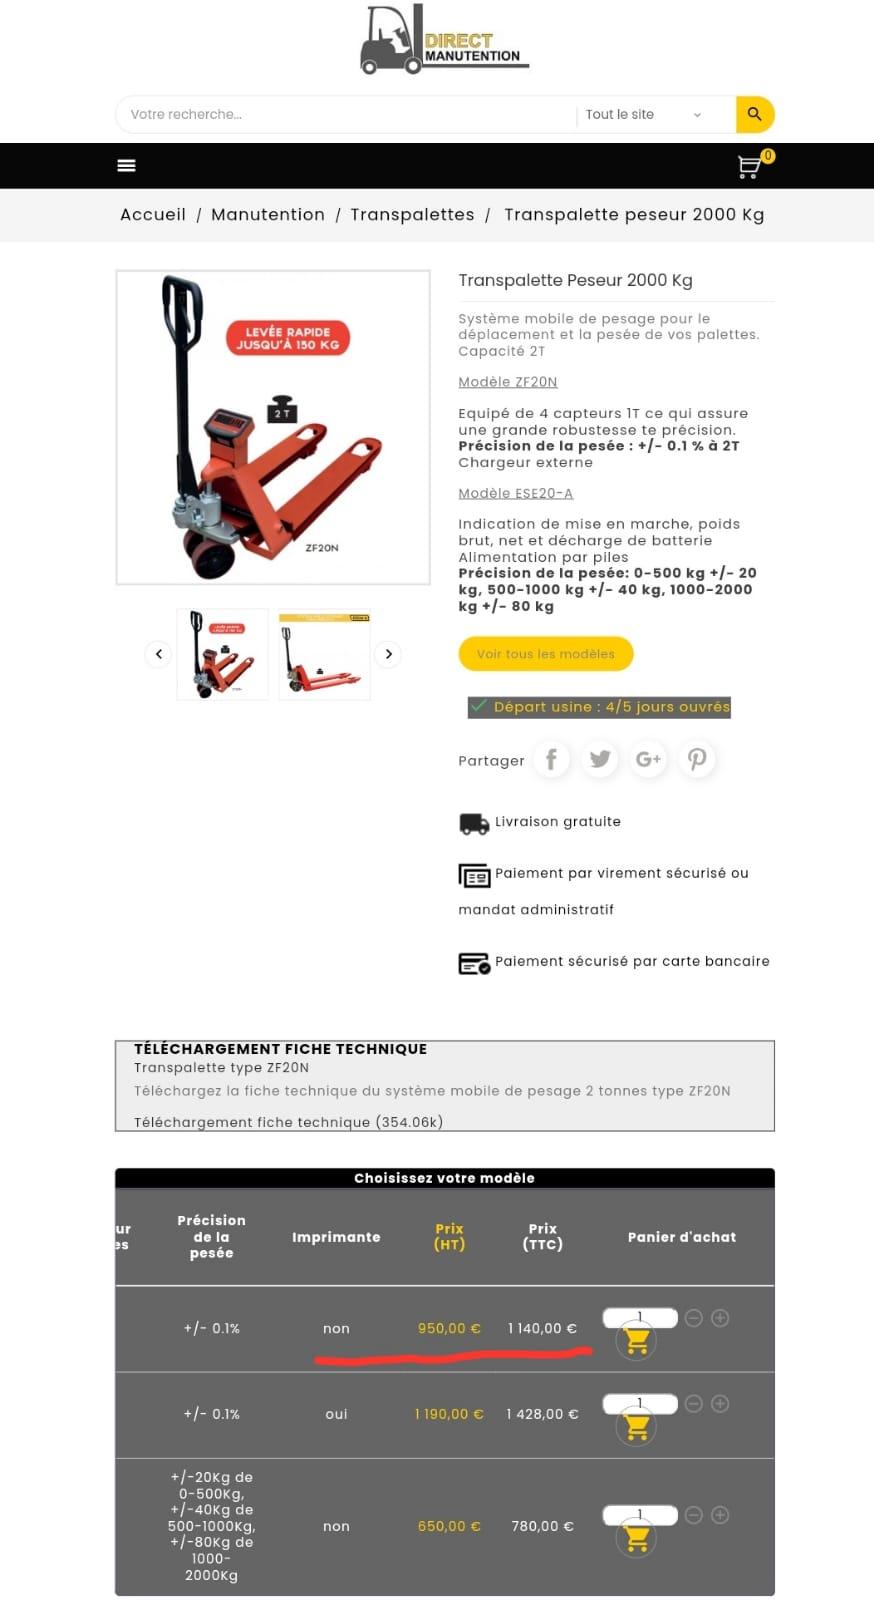 Transpalette peseur STOCKMAN 2T NEUF  IMPORTATION